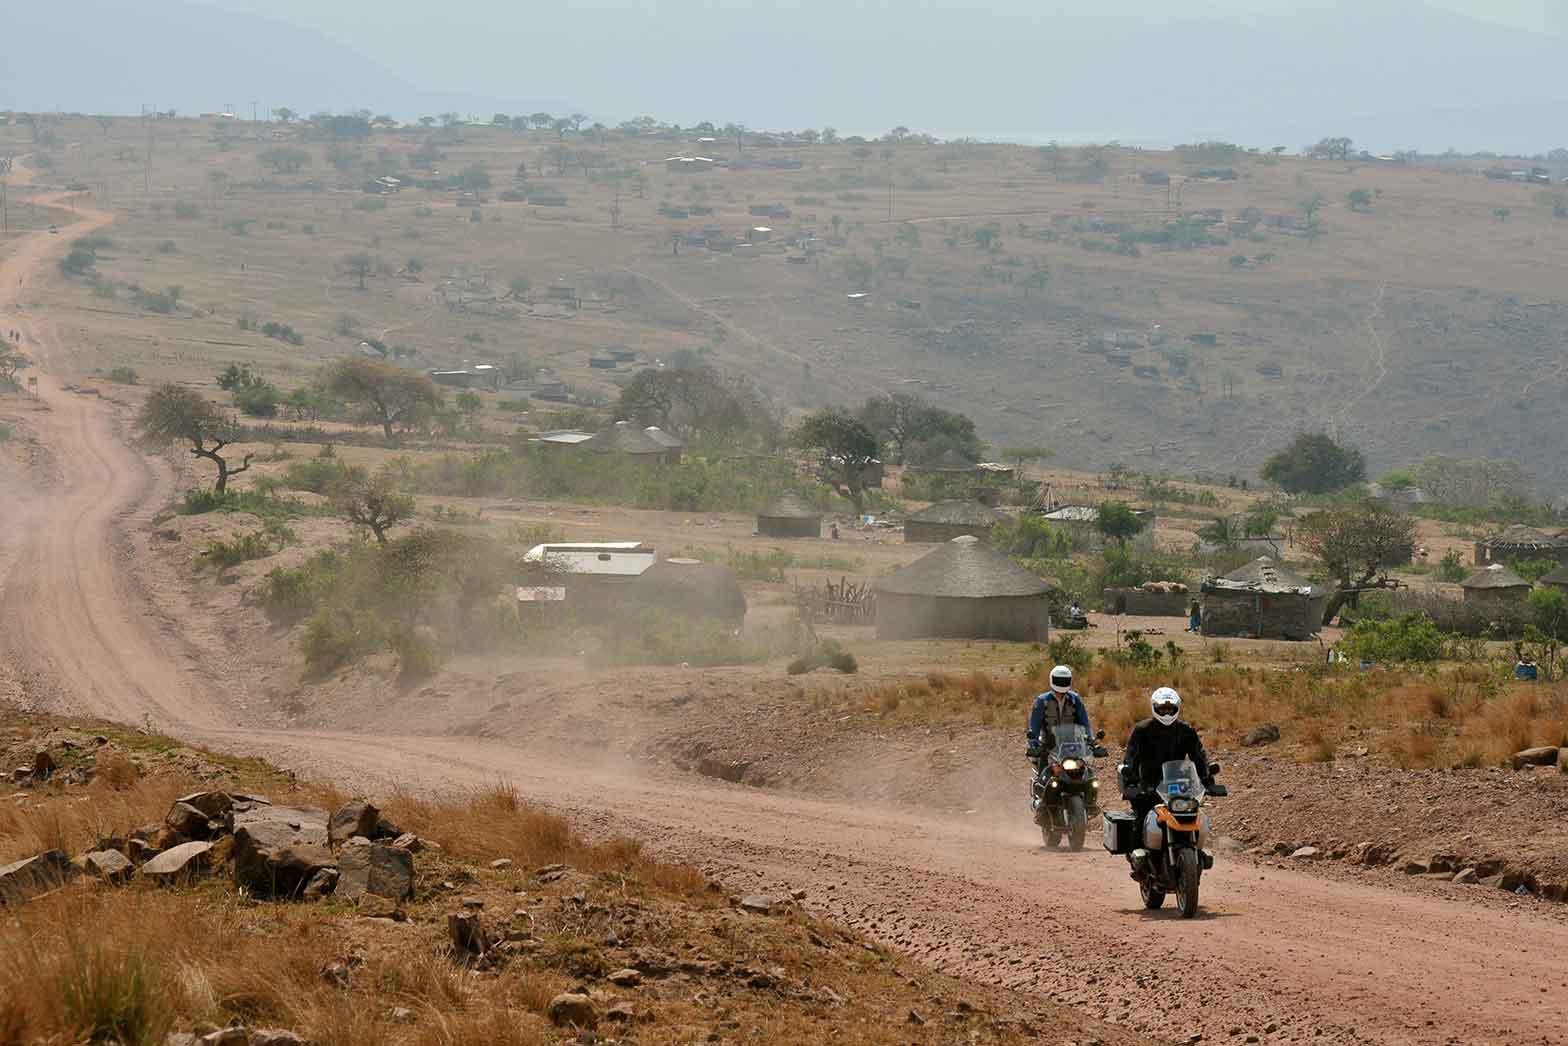 Two Riders - Kwa Zulu Natal Province